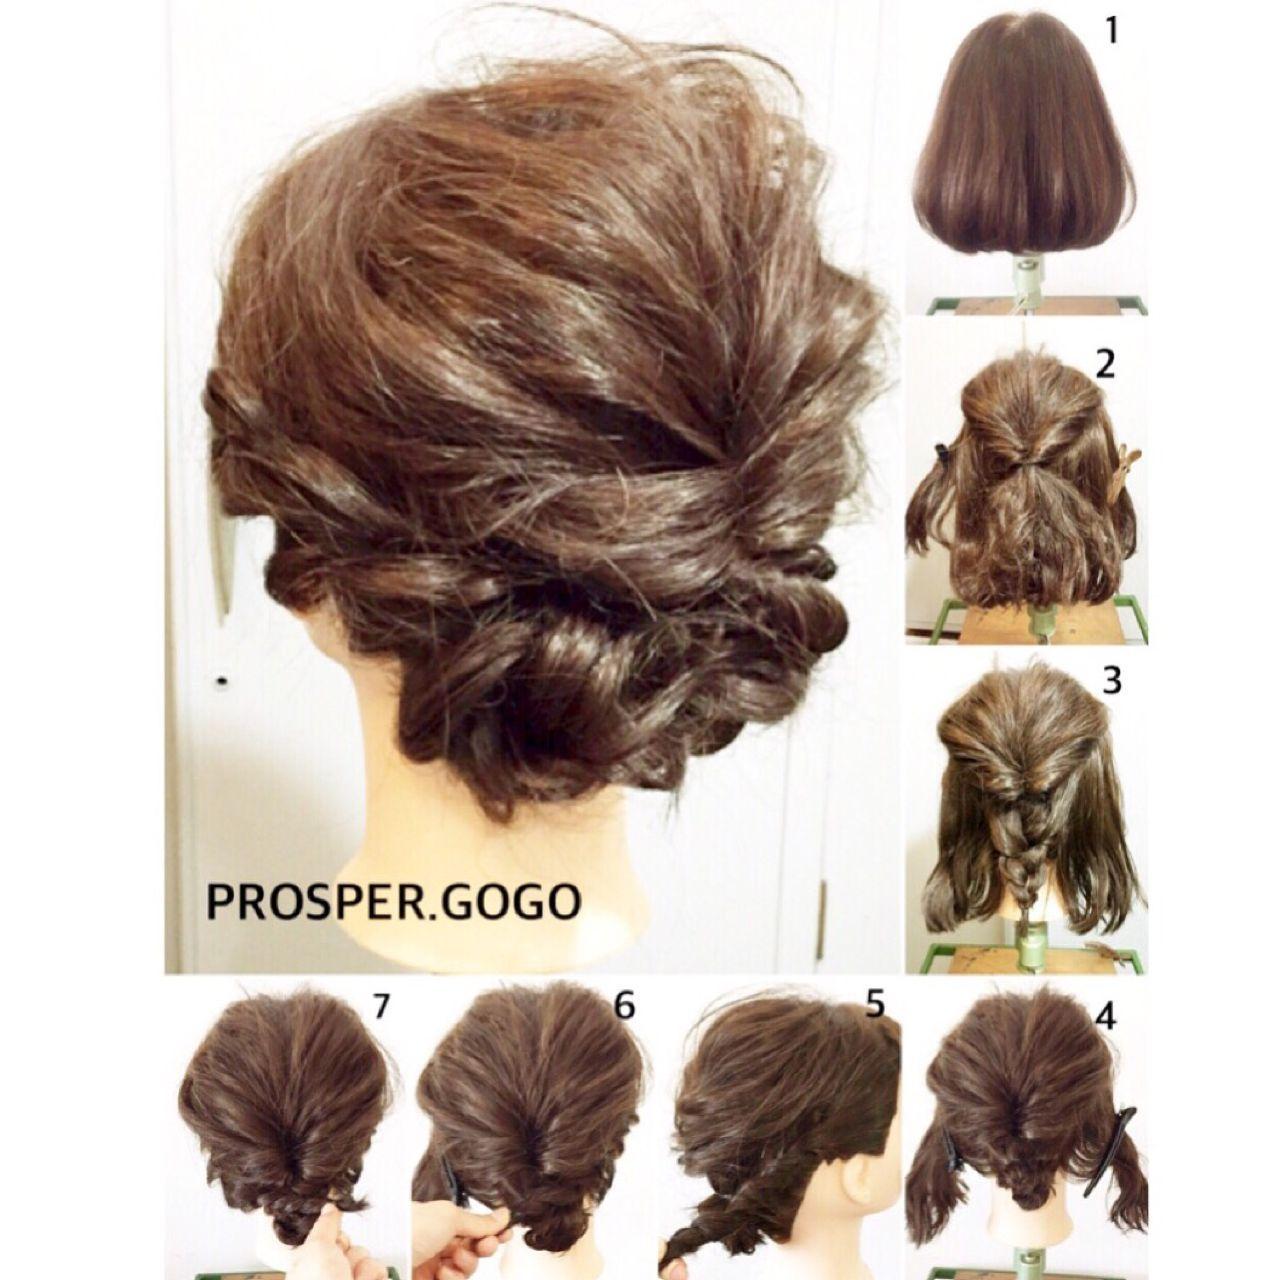 ボブ ショートボブヘアアレンジ 自分で簡単にできる髪型集 簡単ヘア ボブ ヘアアレンジ 簡単 ヘアアレンジ